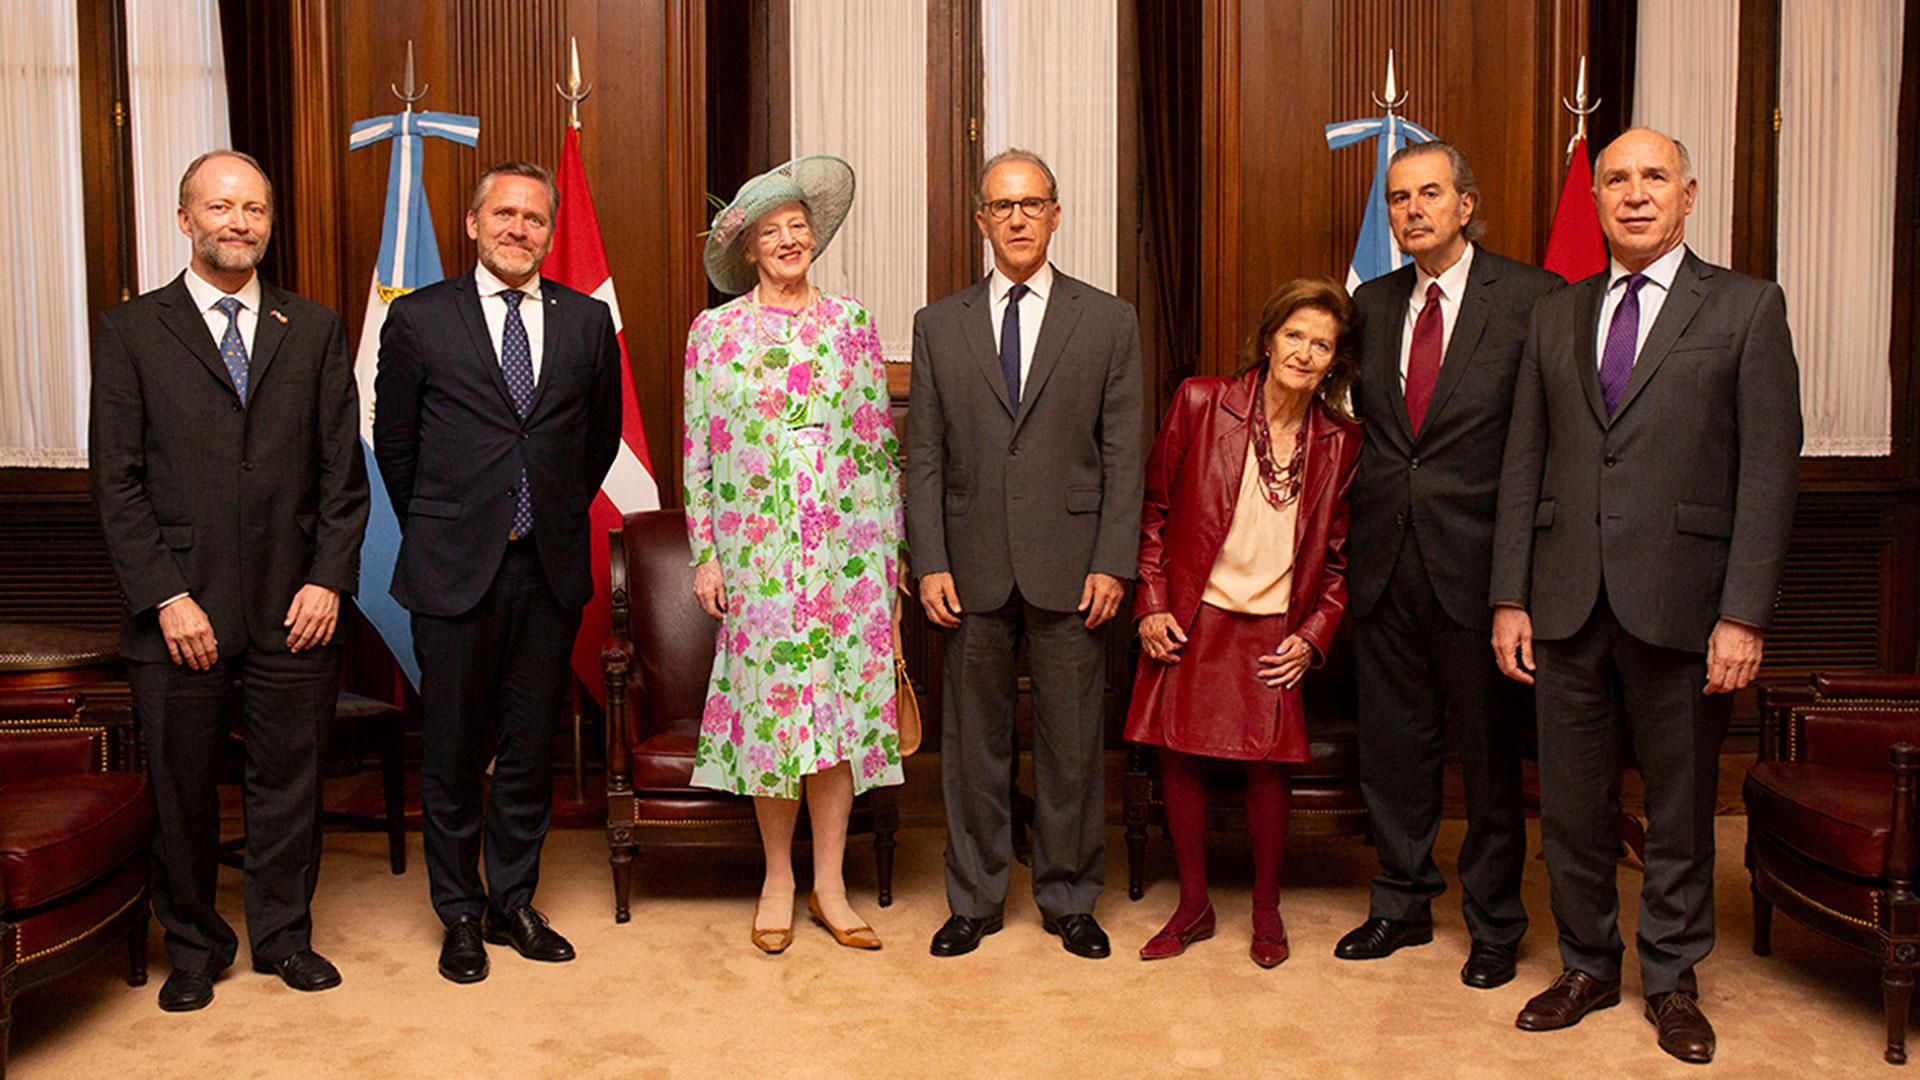 El embajador danés en Argentina, Søren Vøhtz, el ministro de Relaciones Exteriores danés, Anders Samuelsen, la reina de Dinamarca y los ministros de la Corte Suprema Rosenkrantz, Elena Highton, Juan Carlos Maqueda y Ricardo Lorenzetti